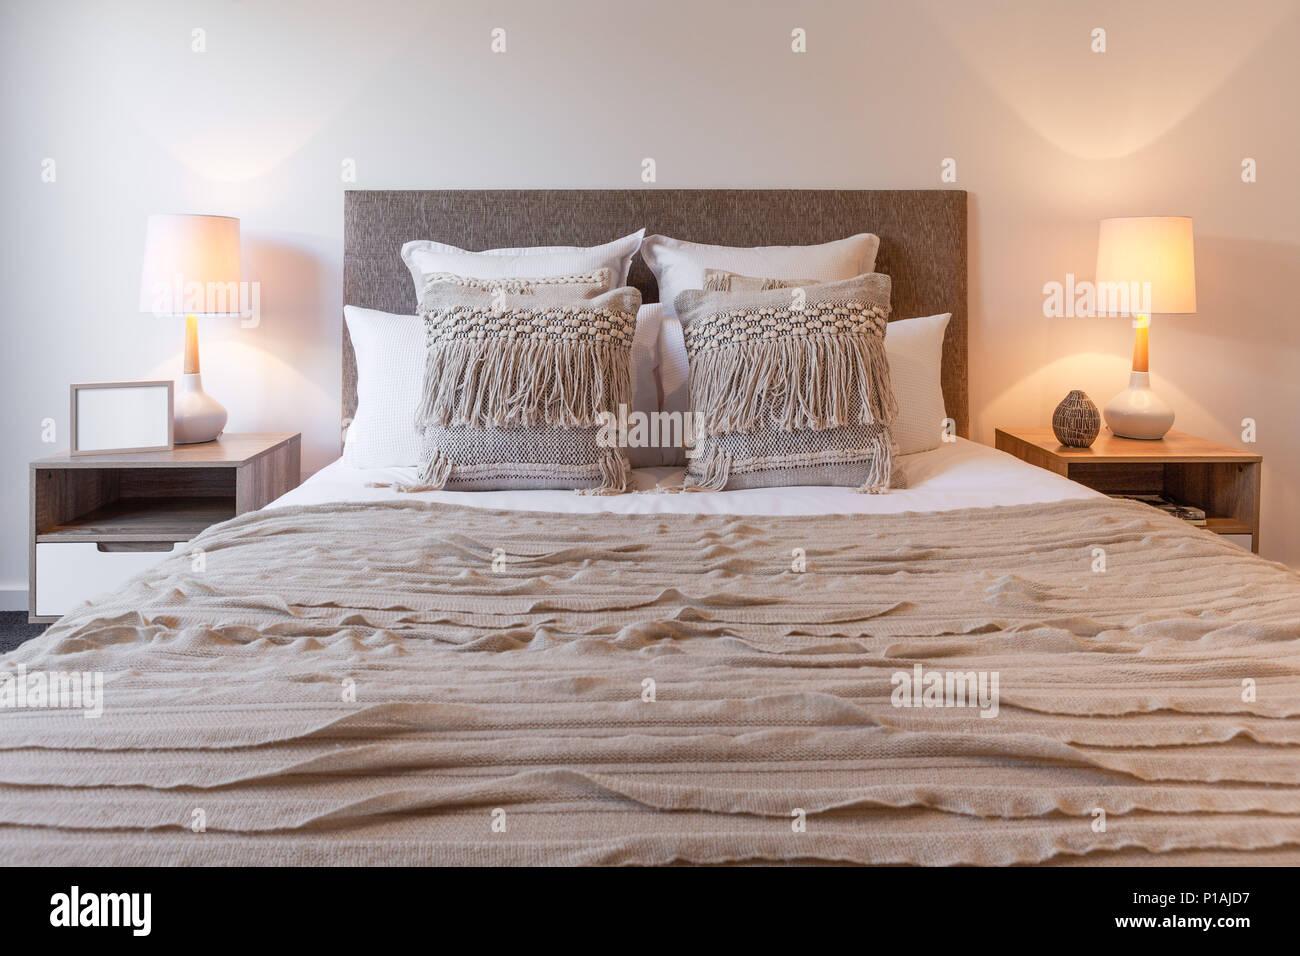 Cuscini decorativi su disposizione del letto con camera da ...